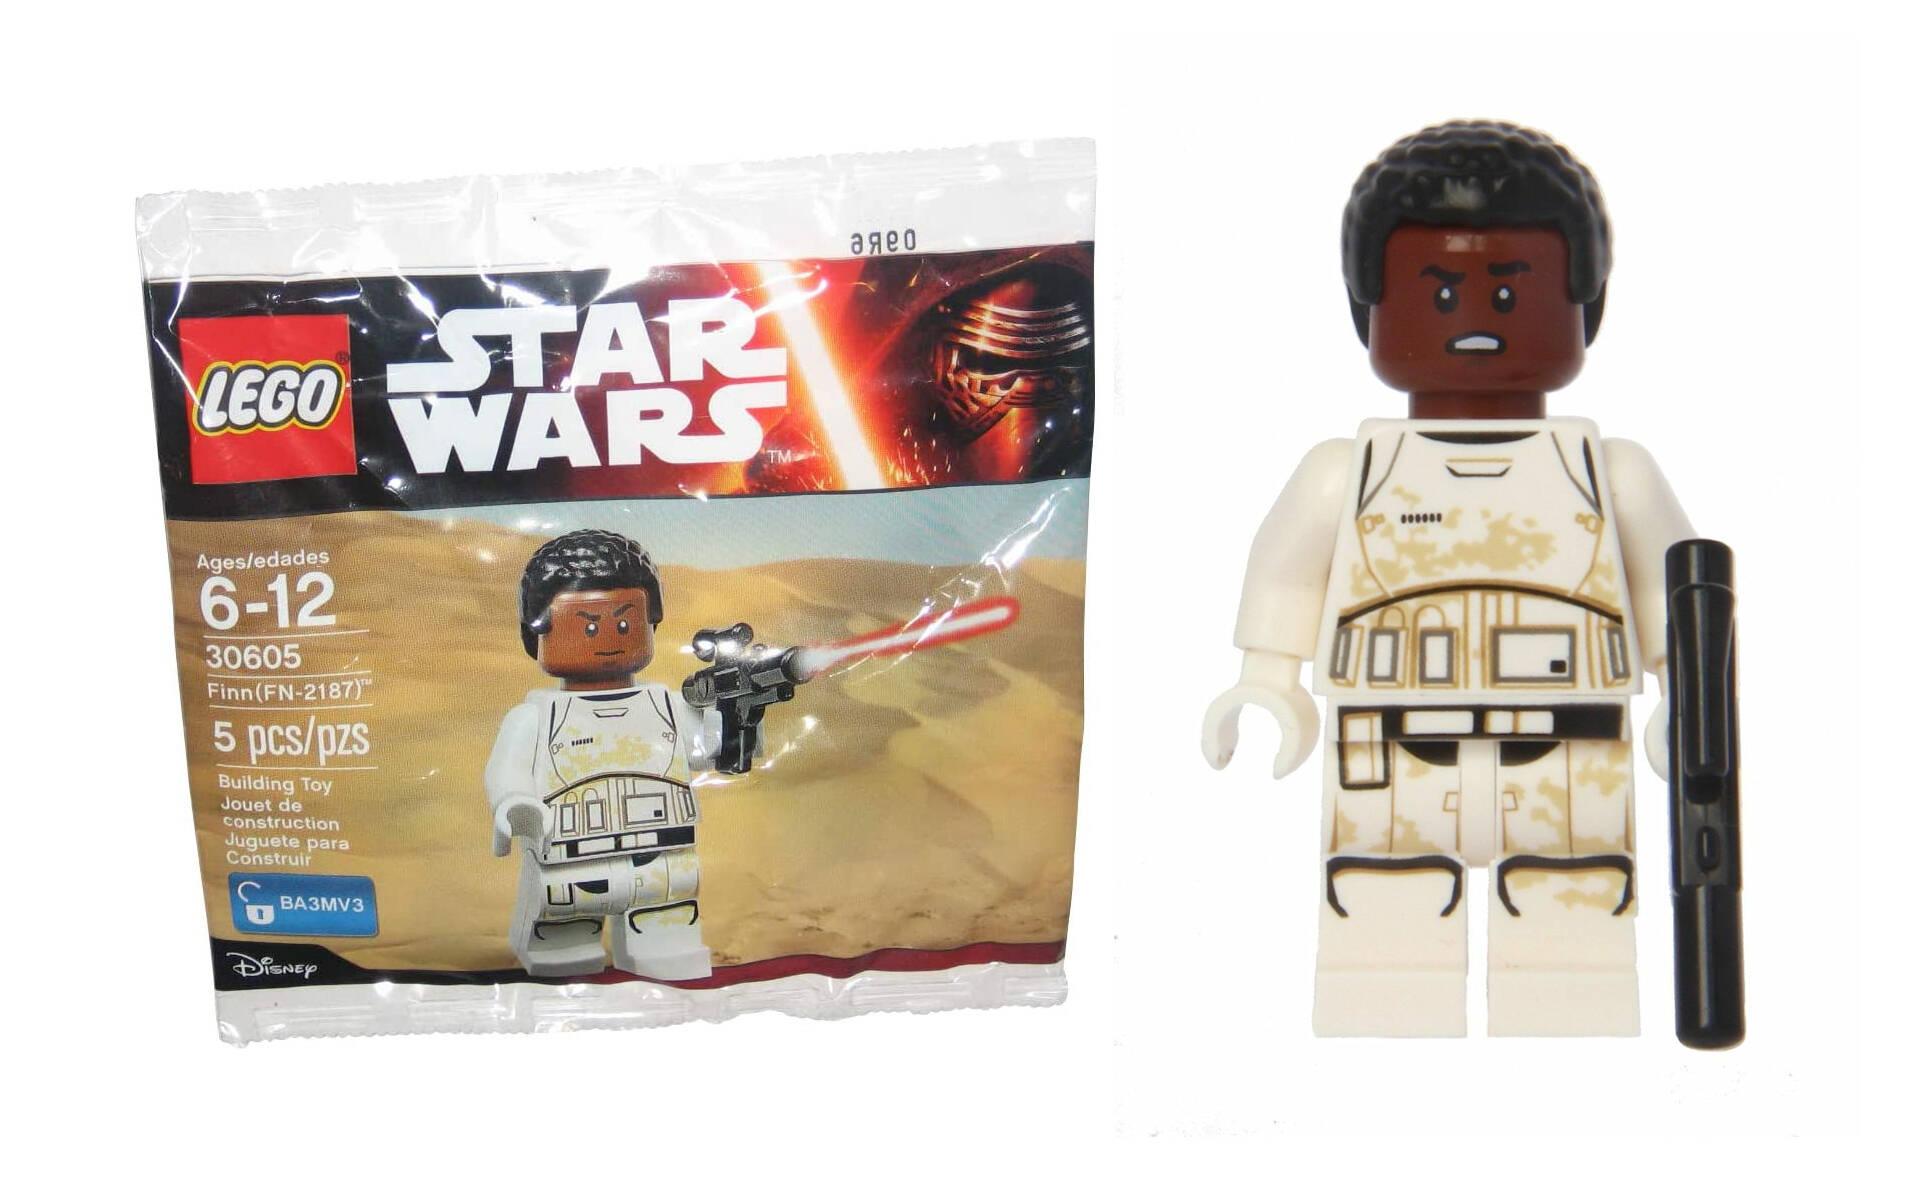 LEGO Star Wars 30625 Luke Skywalker with Blue Milk